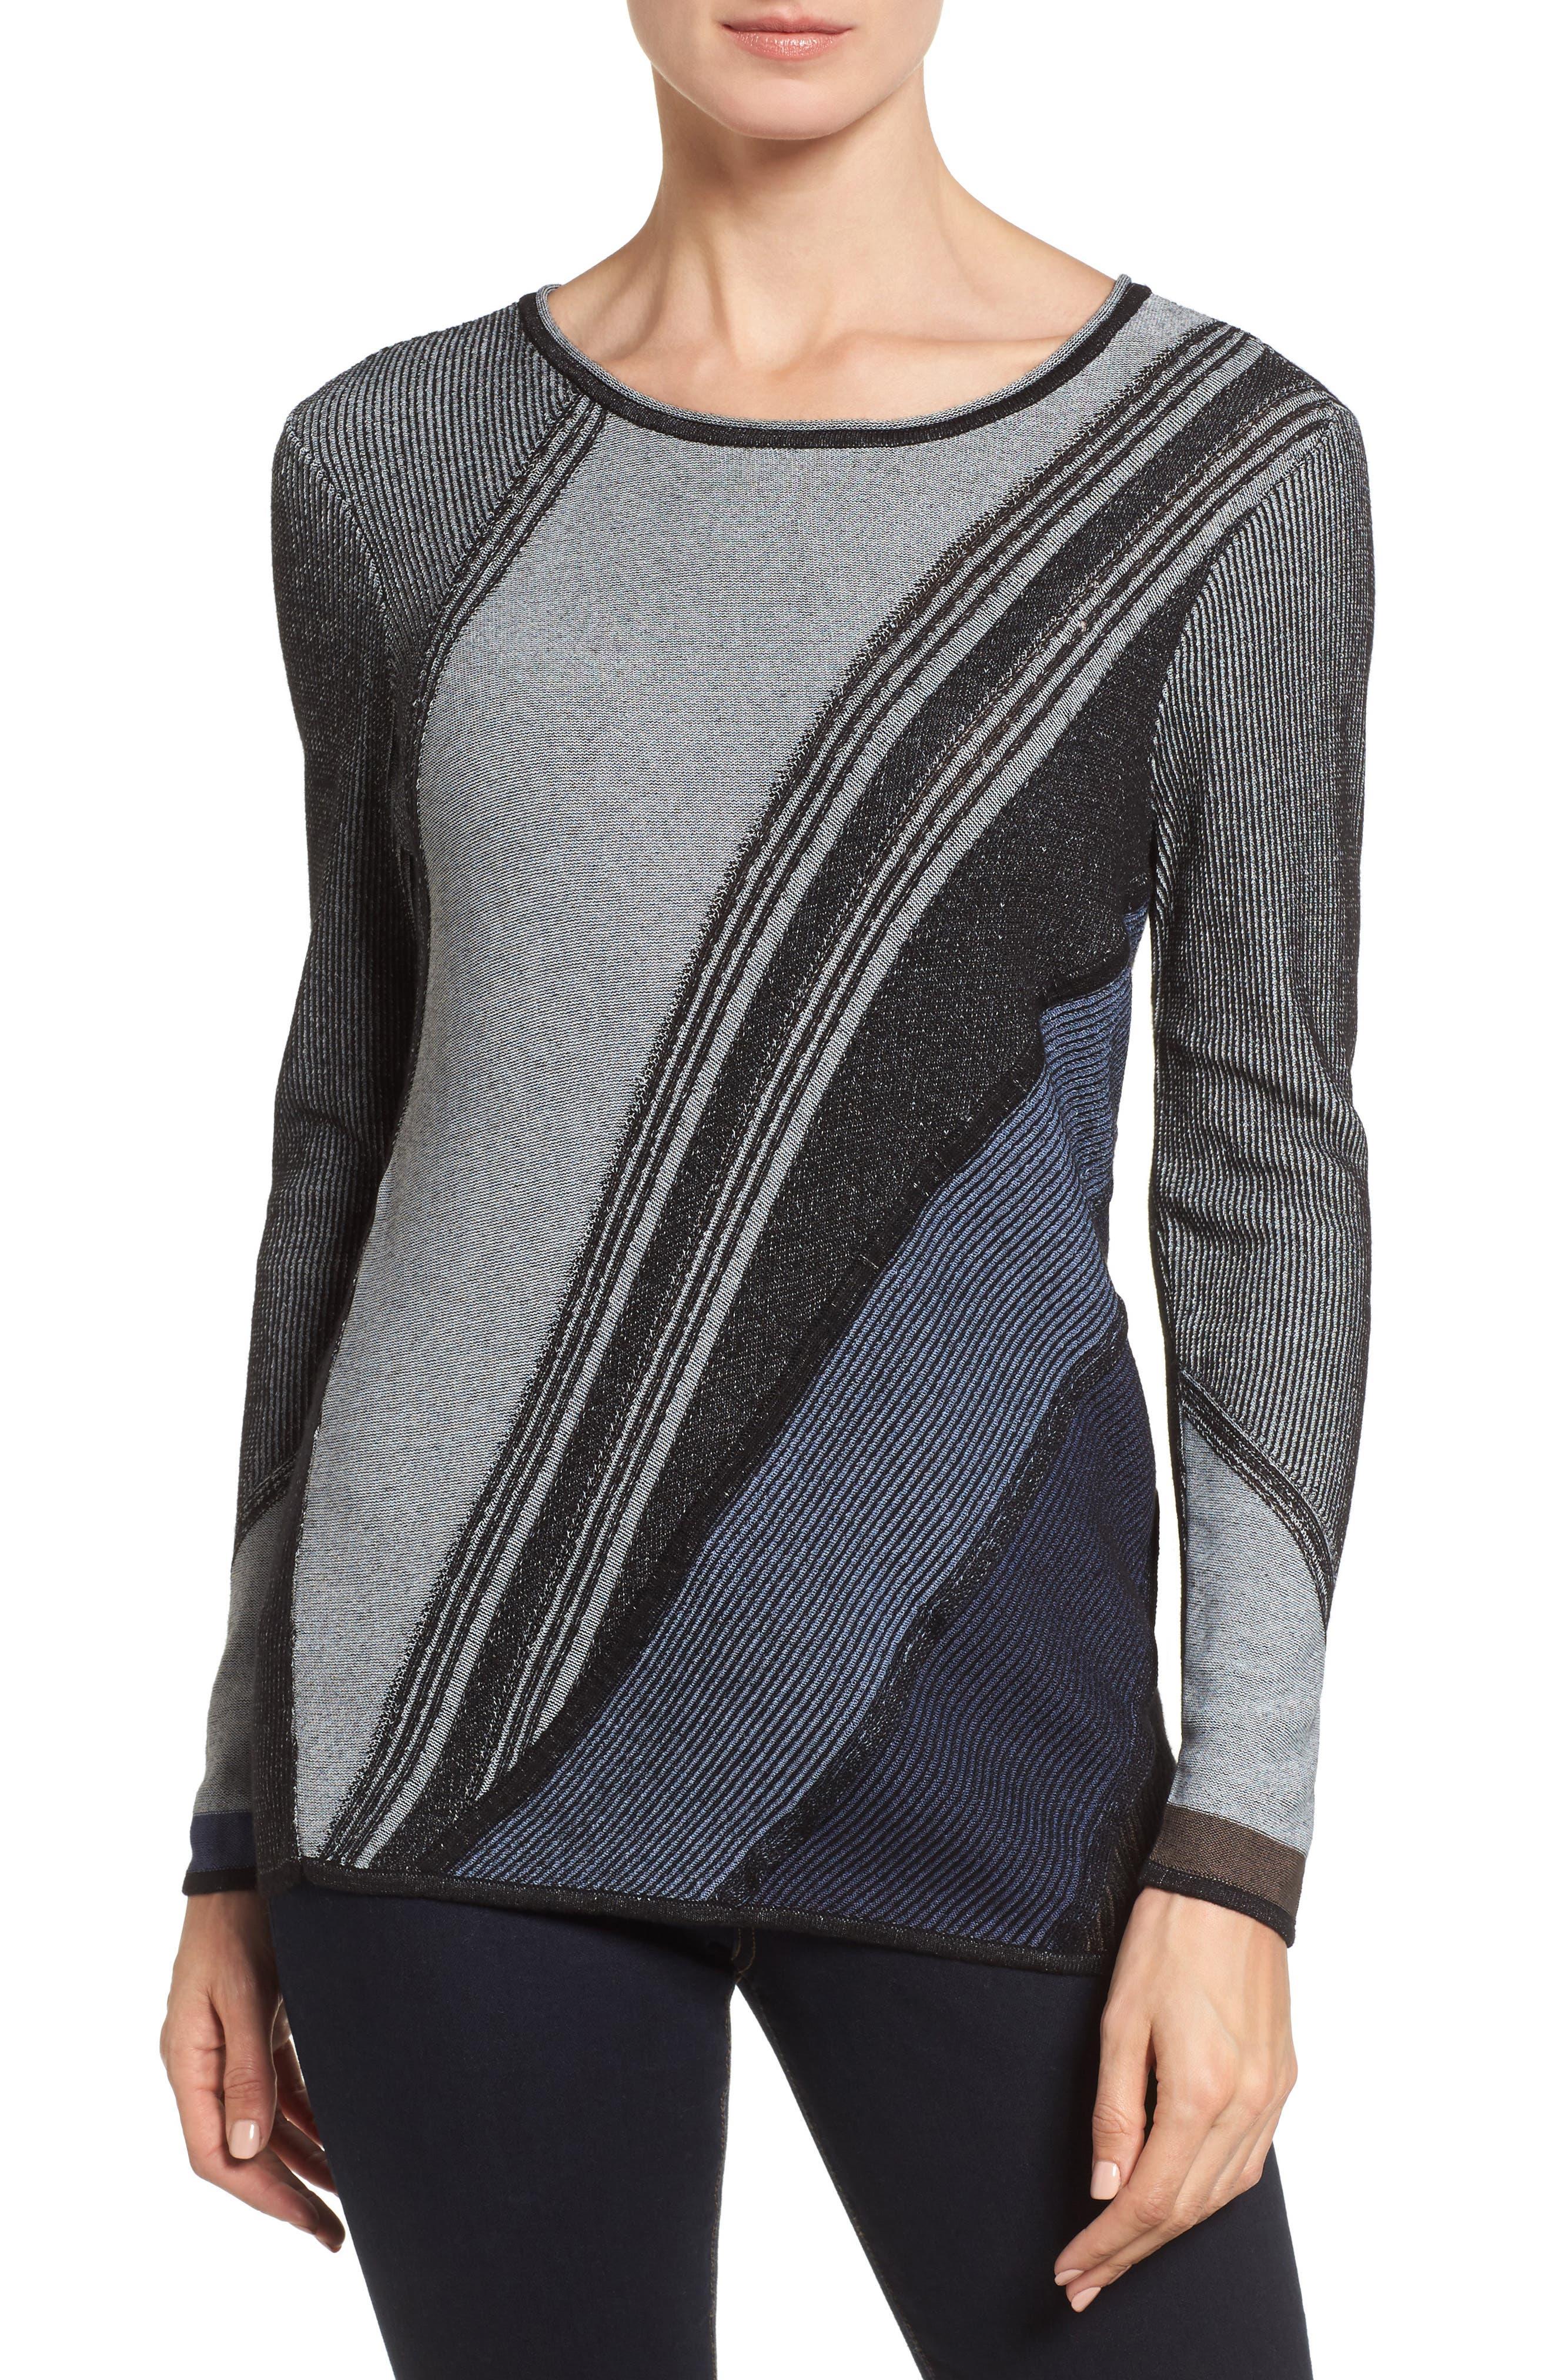 Blue Horizon Knit Top,                         Main,                         color, 499